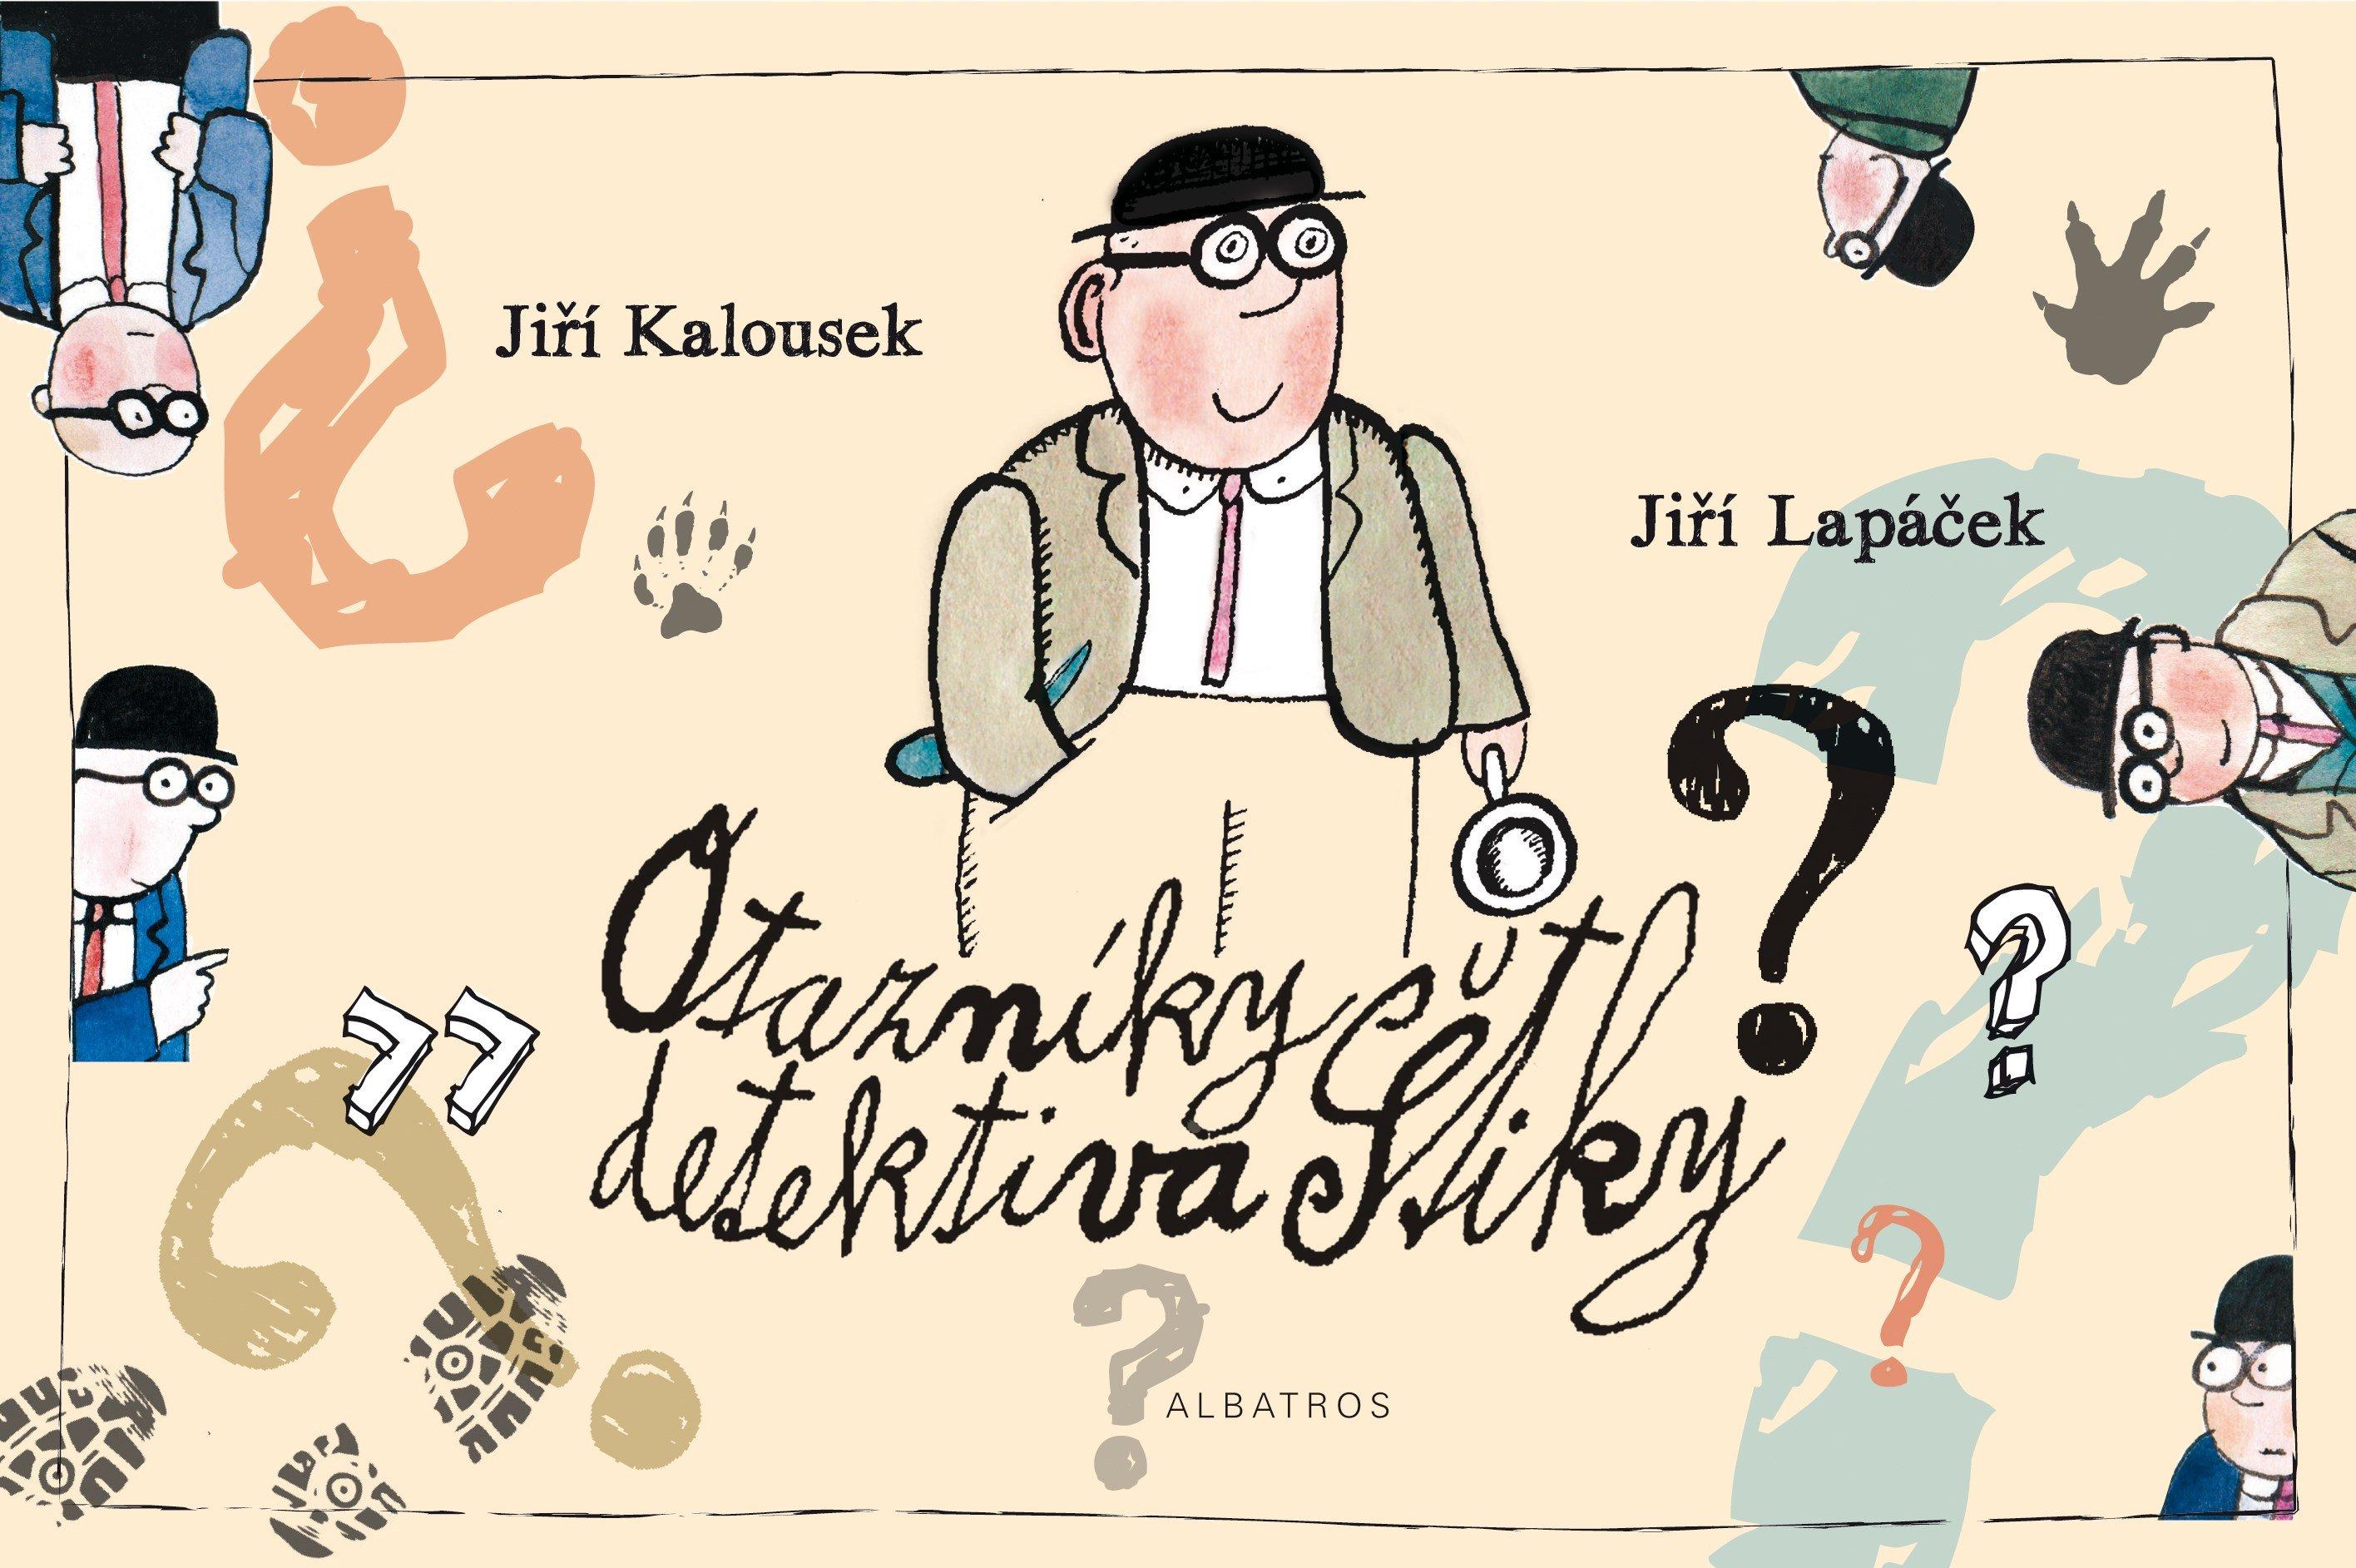 Otazníky detektiva štiky - Jiří Kalousek